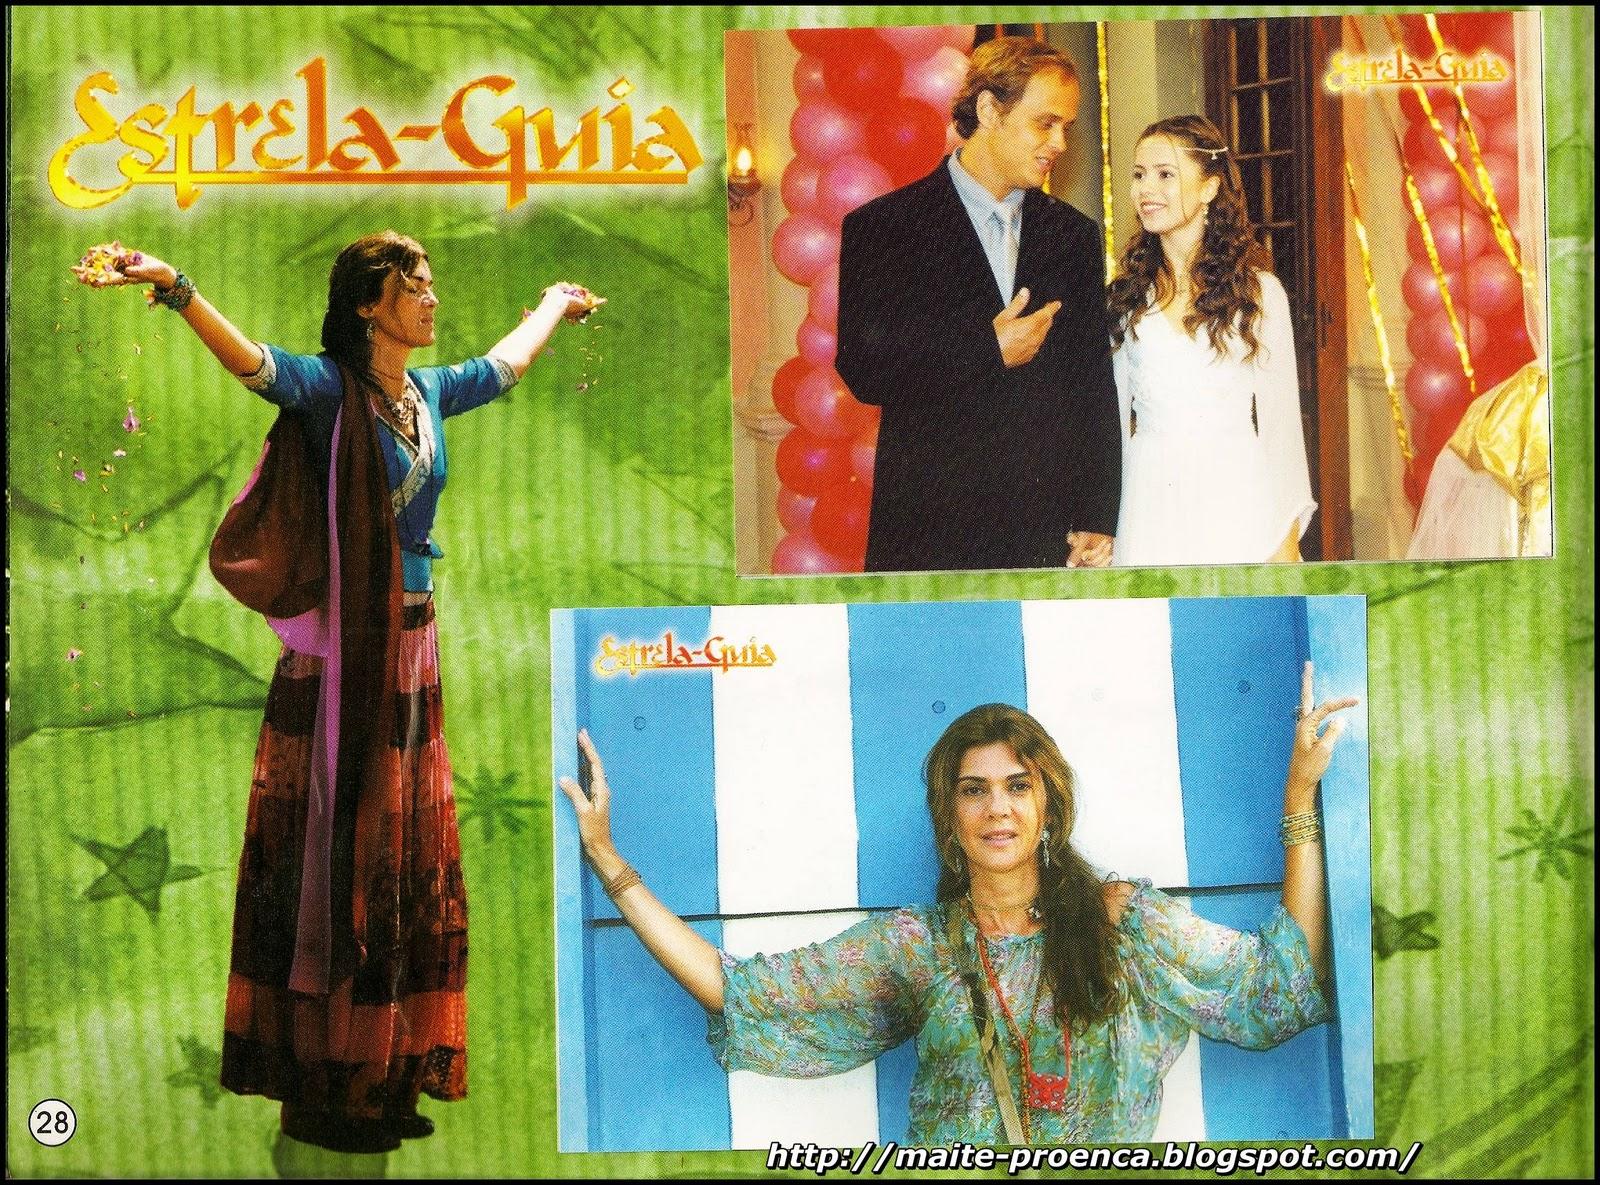 691+2001+Estrela+Guia+Album+(27).jpg